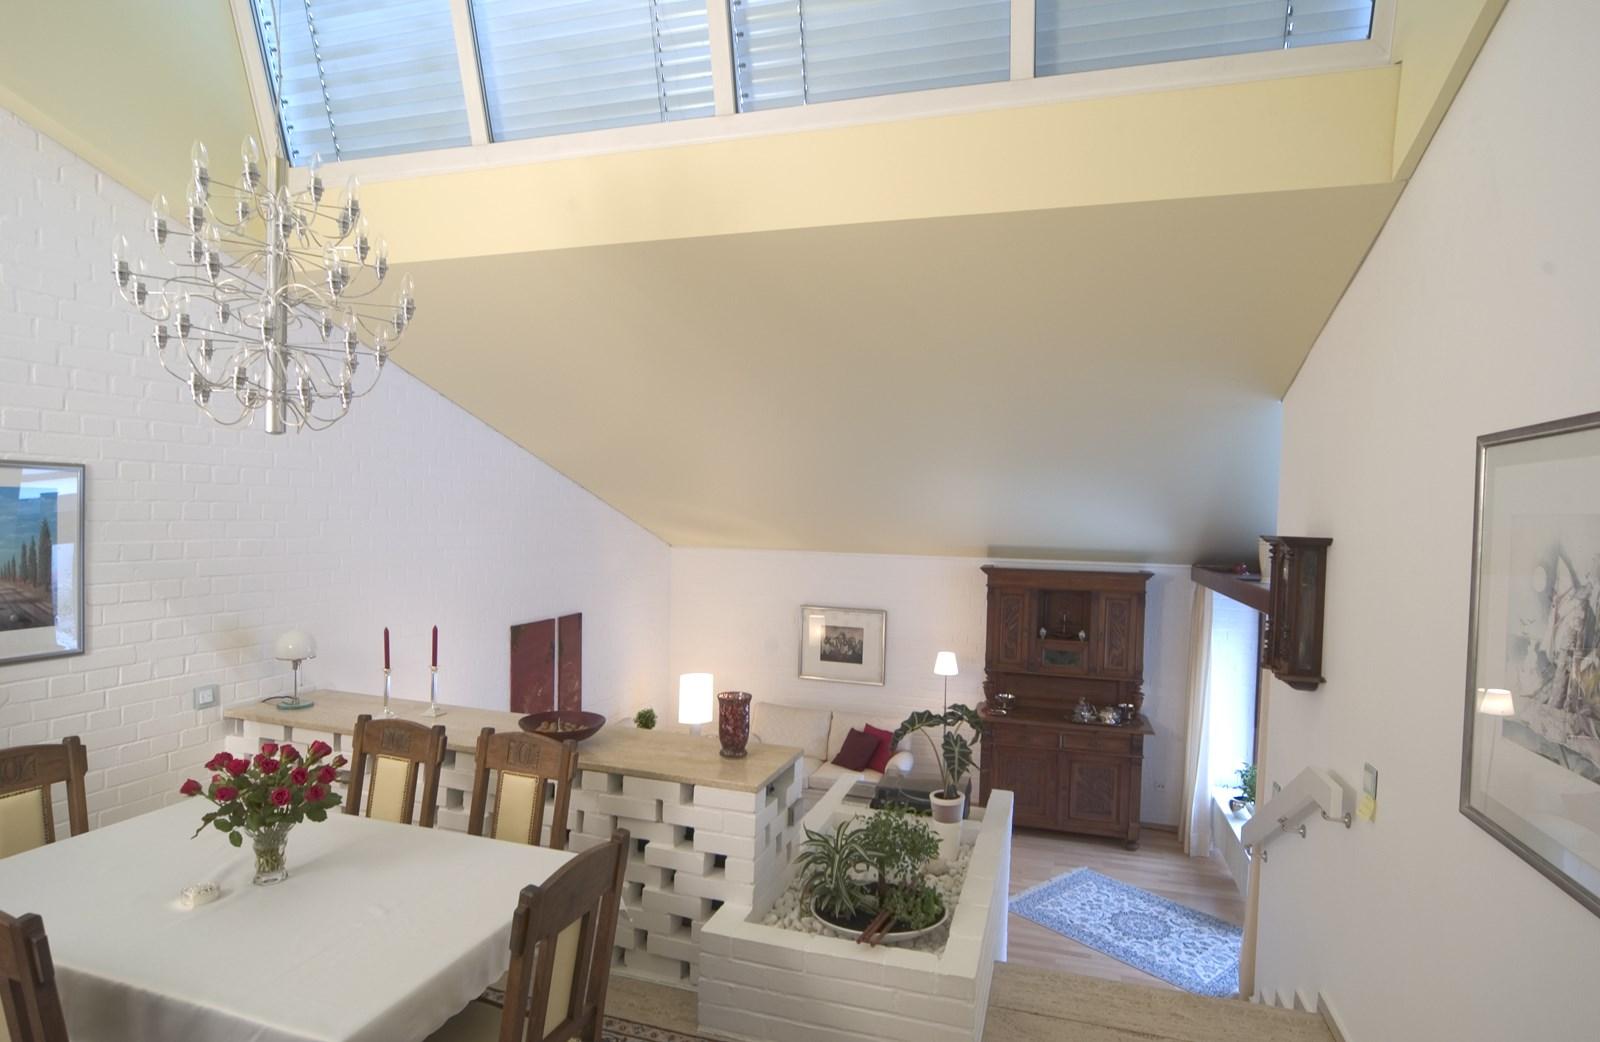 mehr als eine renovierung portas sterreich renovierung. Black Bedroom Furniture Sets. Home Design Ideas